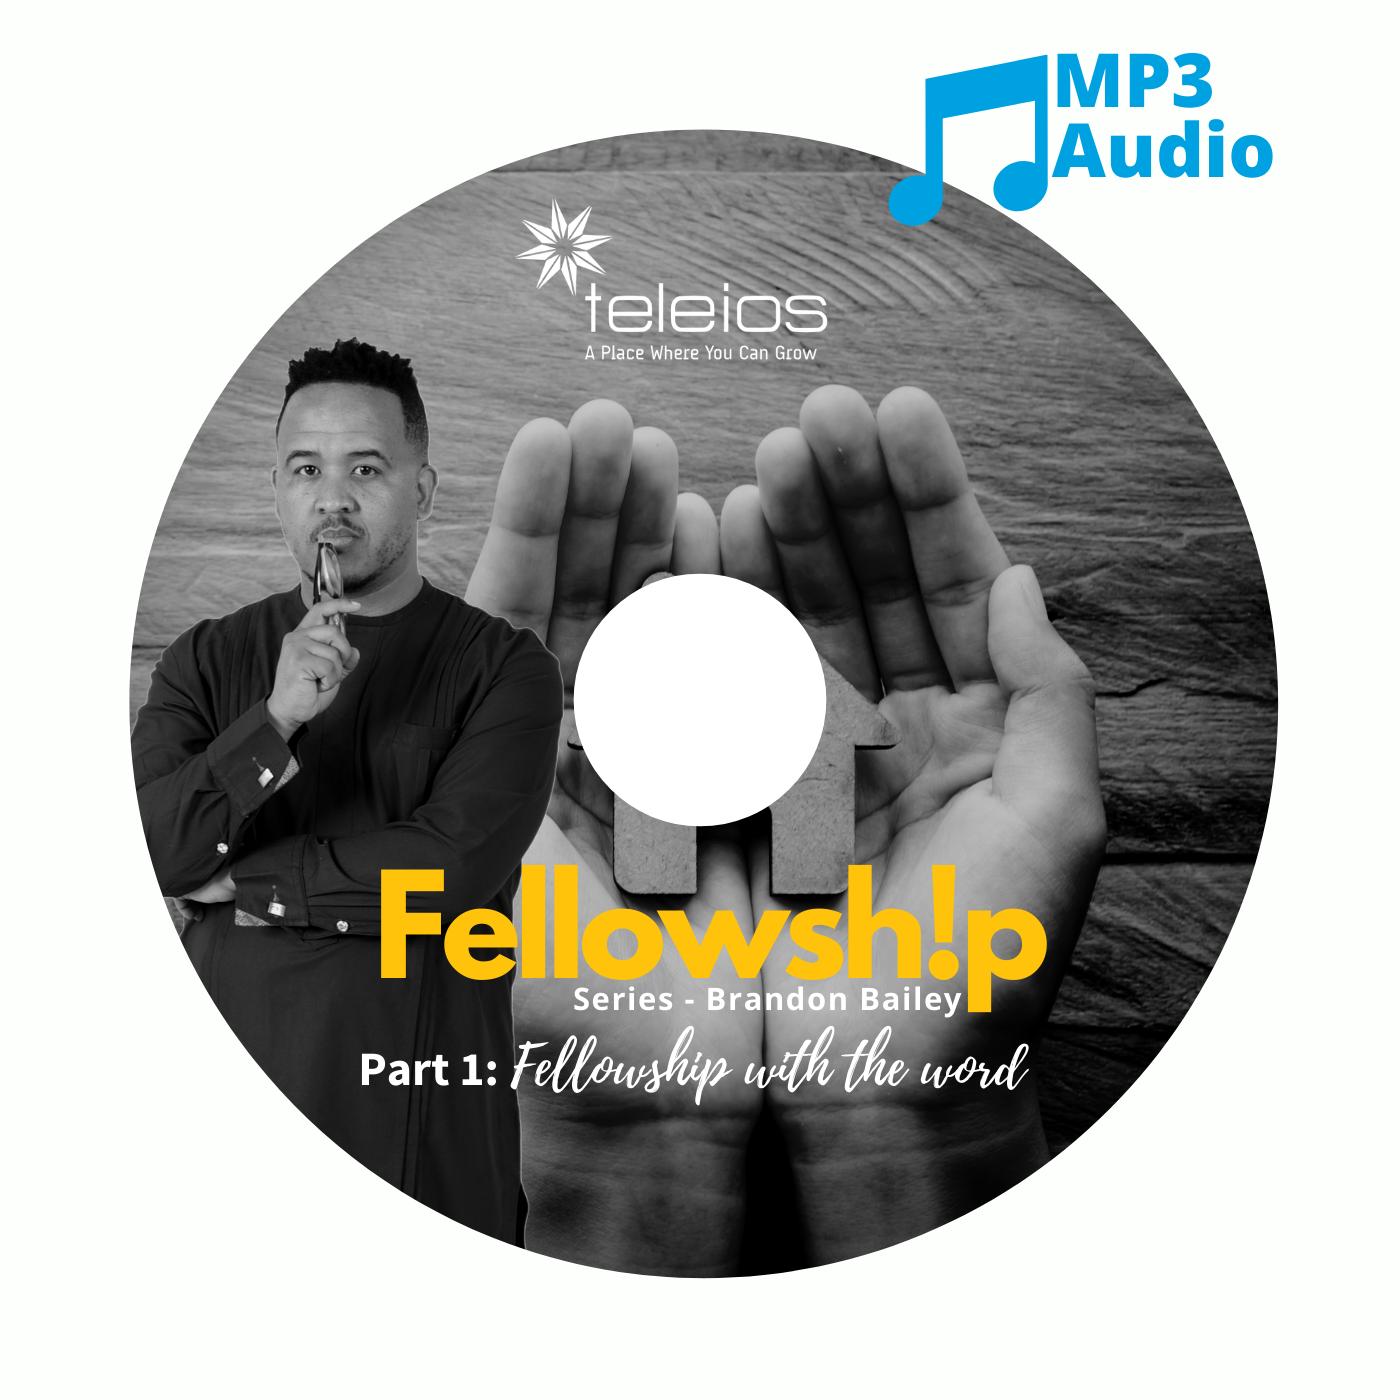 Fellowship Part 1